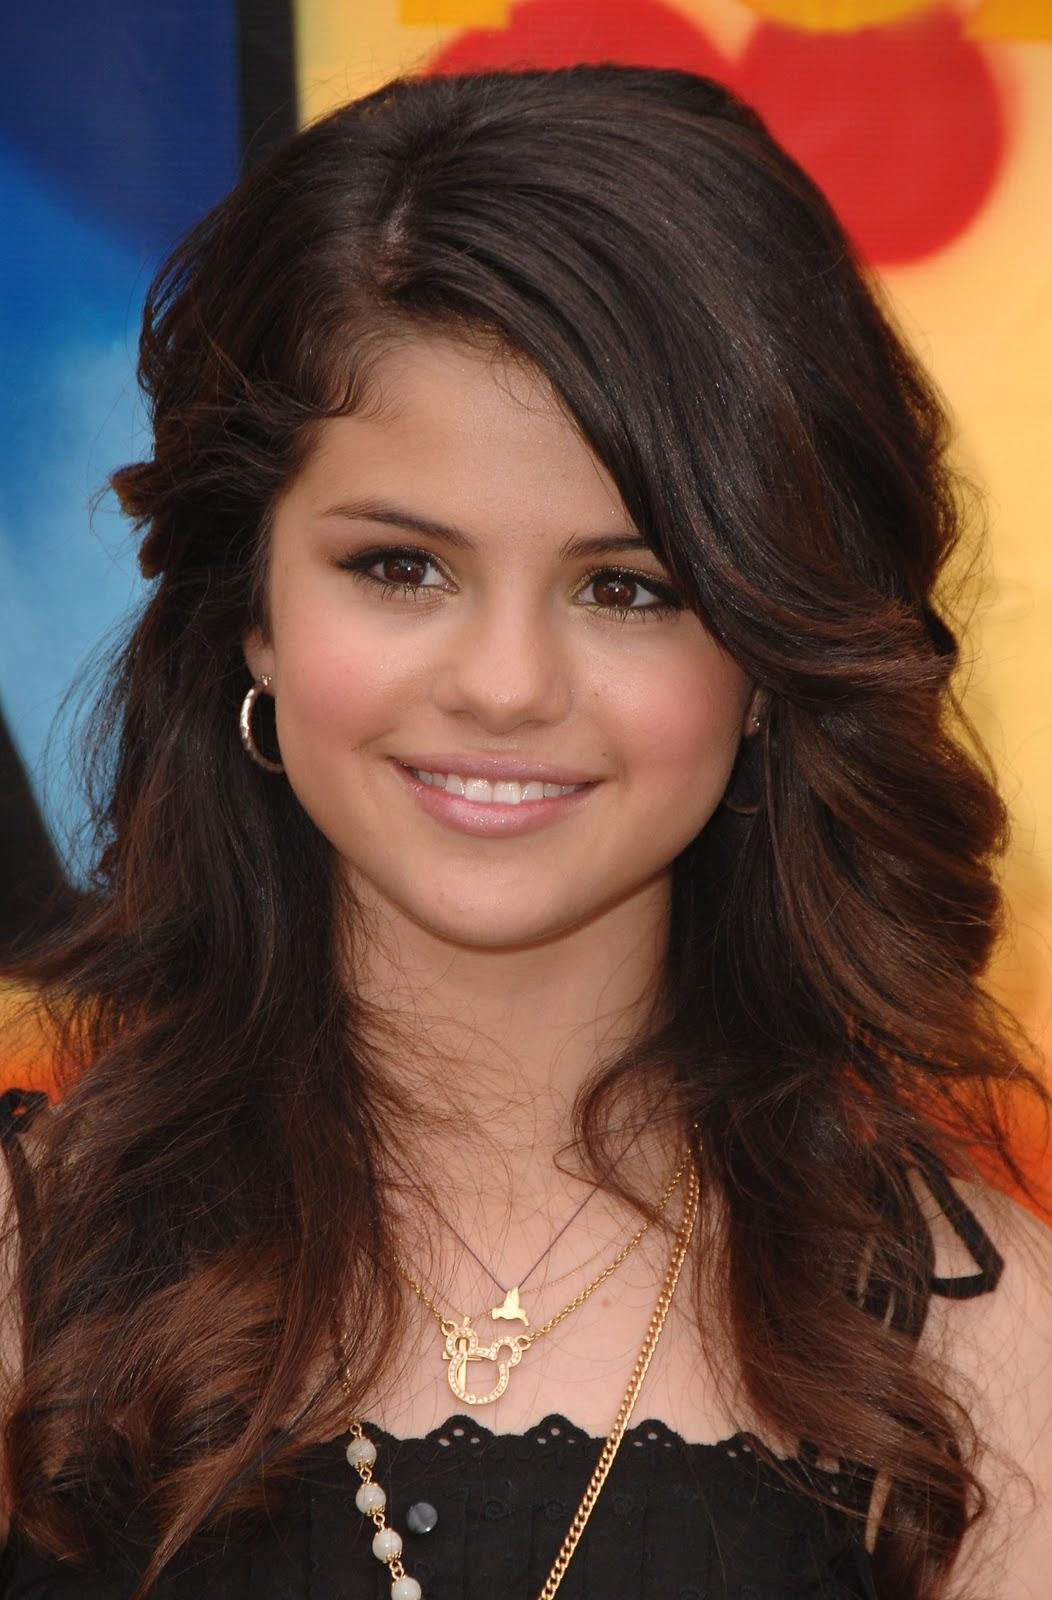 http://3.bp.blogspot.com/-ZZlABMCYQNk/TrMJn8tuFUI/AAAAAAAAC_E/Ss8N-Mlxeg0/s1600/selena+gomez+hairstyles+%25281%2529.jpg